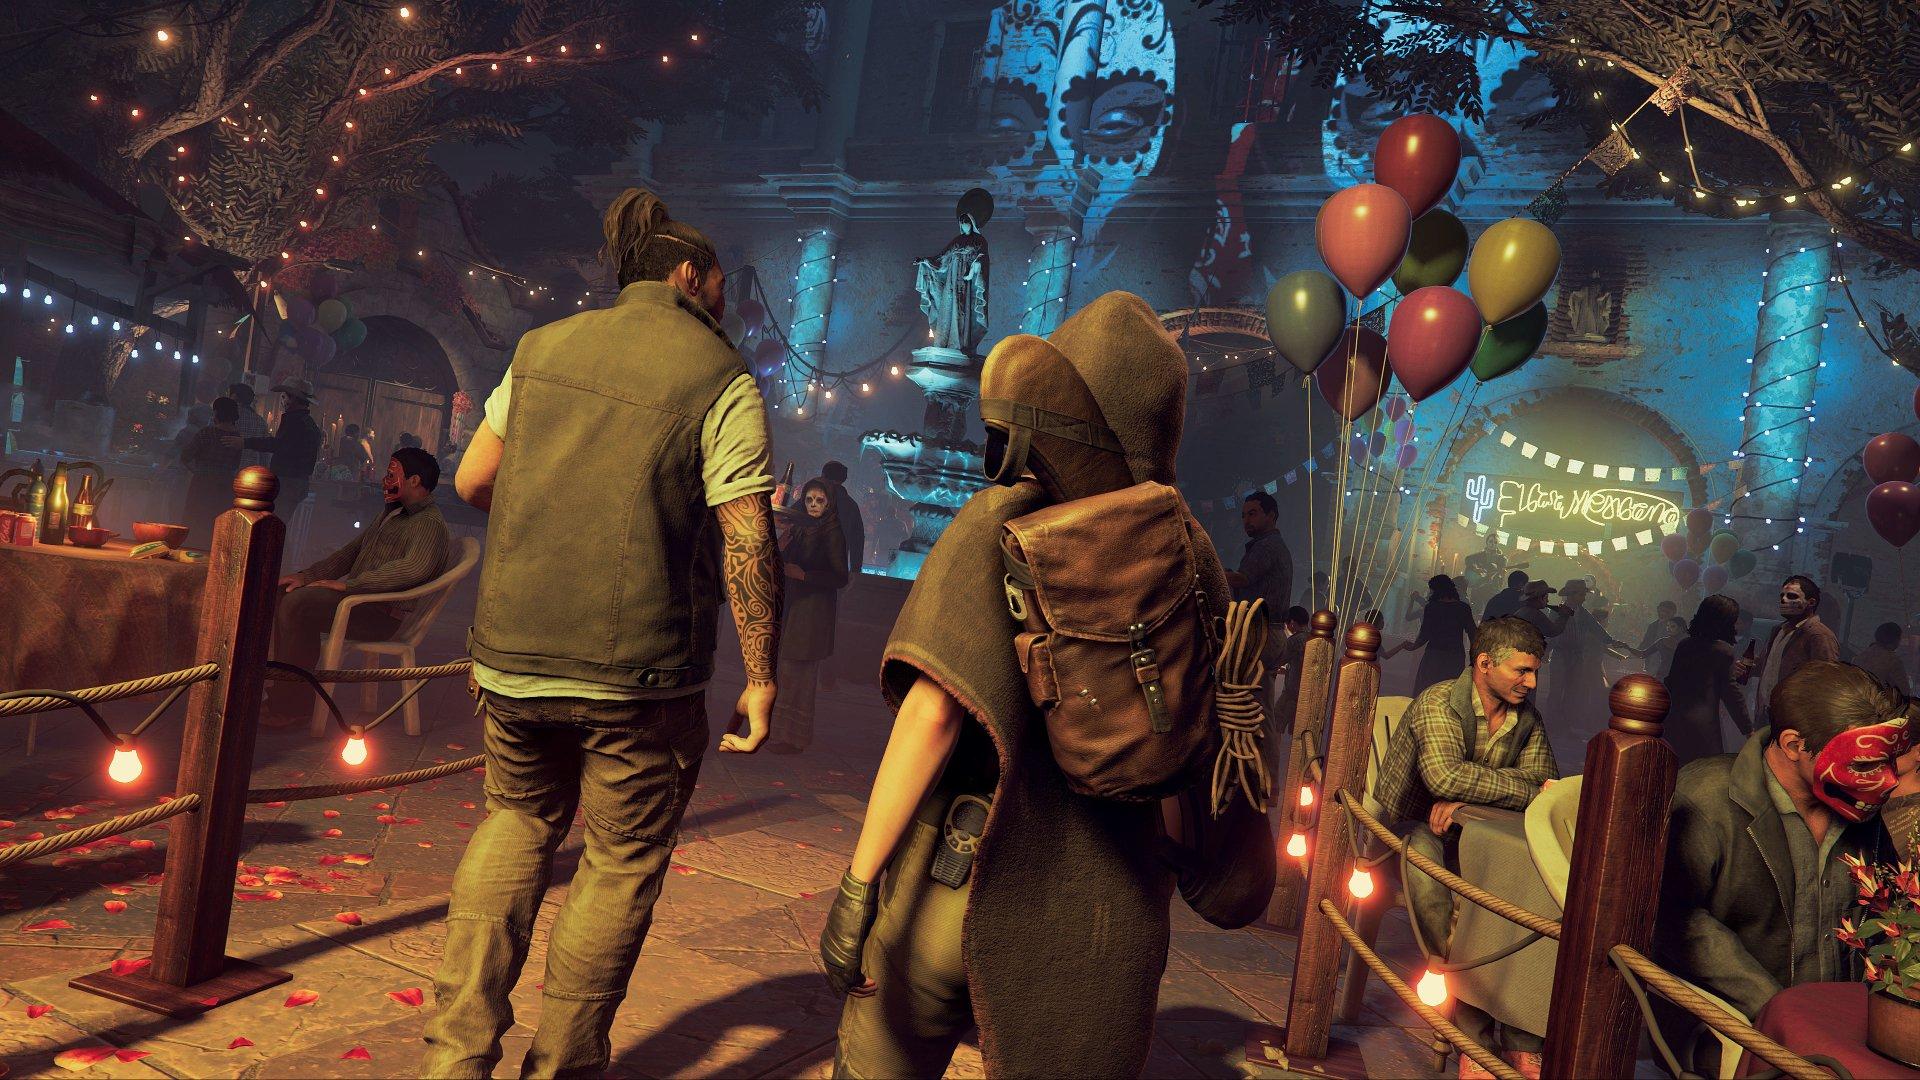 В Shadow of the Tomb Raider Лара Крофт столкнется с суровыми последствиями своих действий